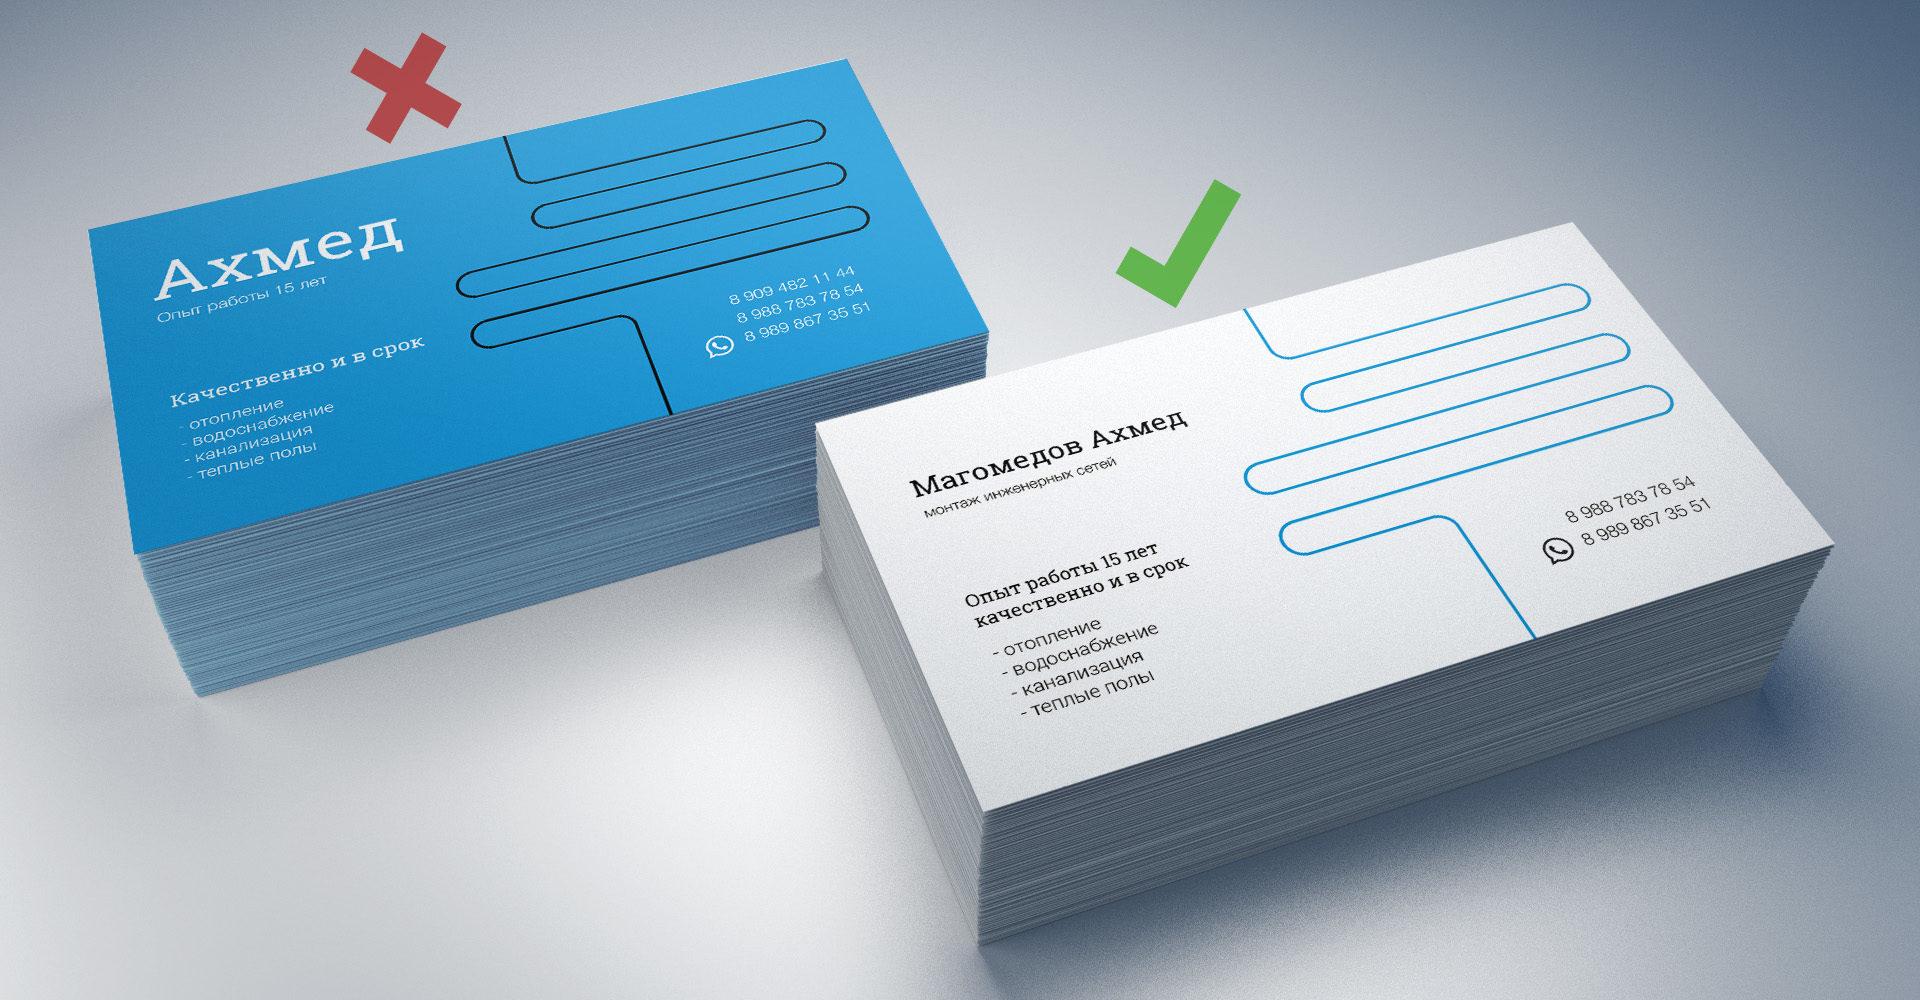 Ошибки при заказе дизайна для персональной визитки